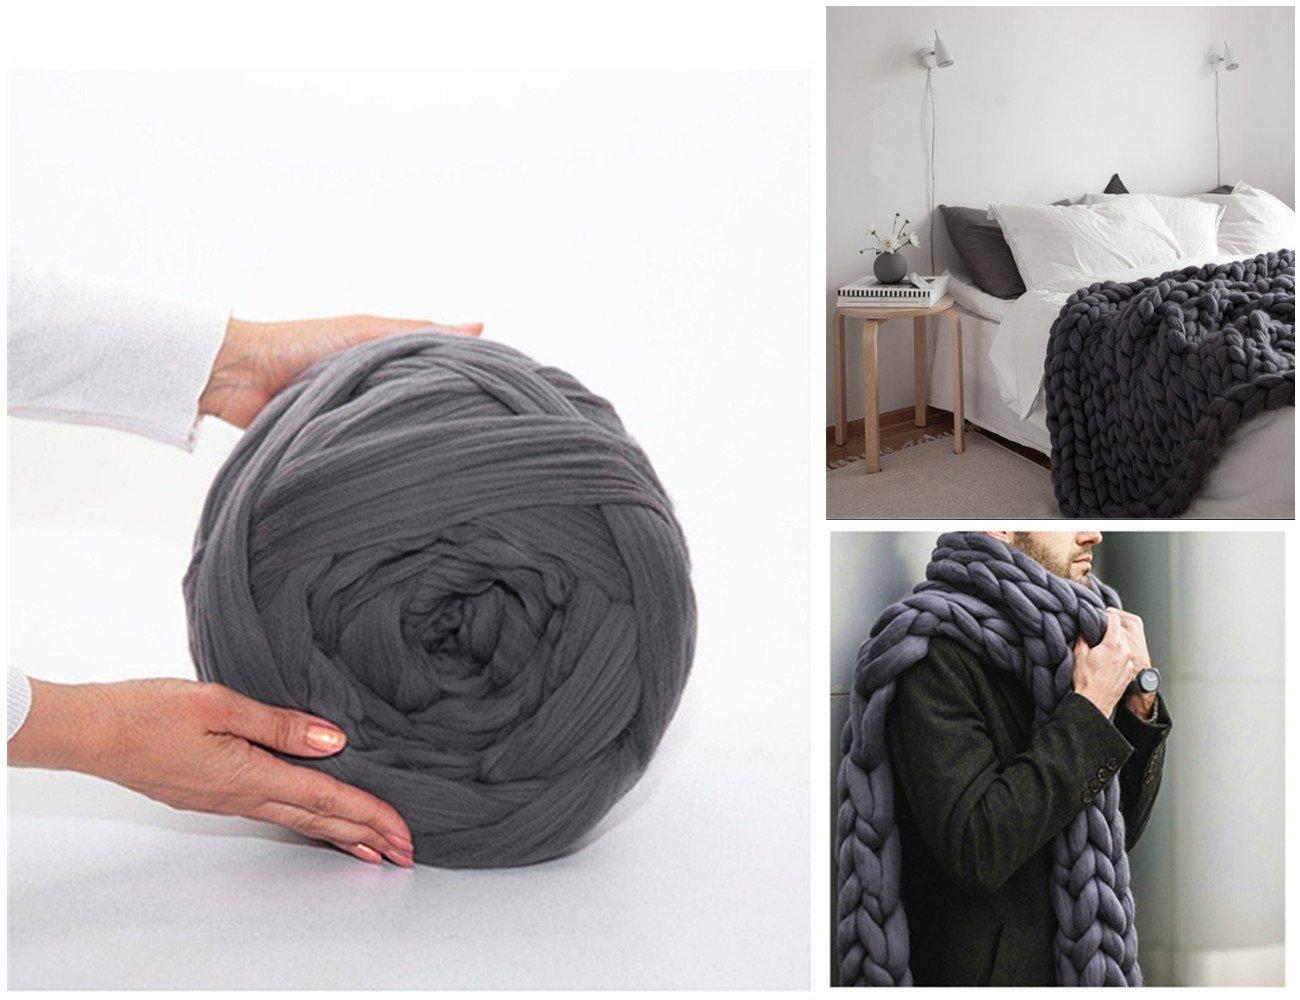 Arm Knitting Yarn Chunky Wool Yarn Bulky Wool Yarn Giant Knit Yarn Extreme Knitting (0.55lbs/250g, Dark Grey)